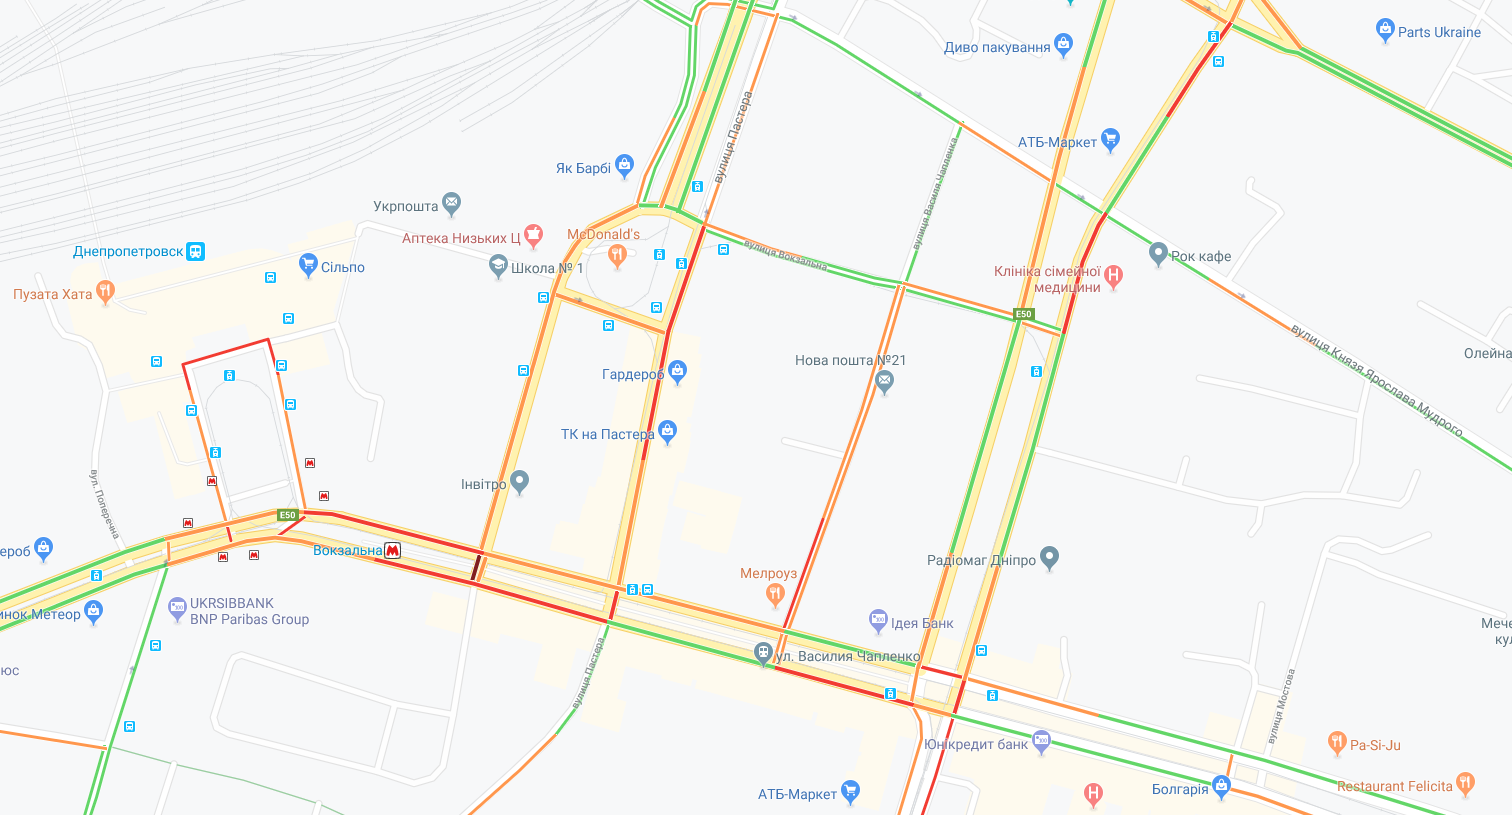 Куда не стоит ехать: где «пробки» и какова ситуация на дорогах Днепра. Новости Днепра